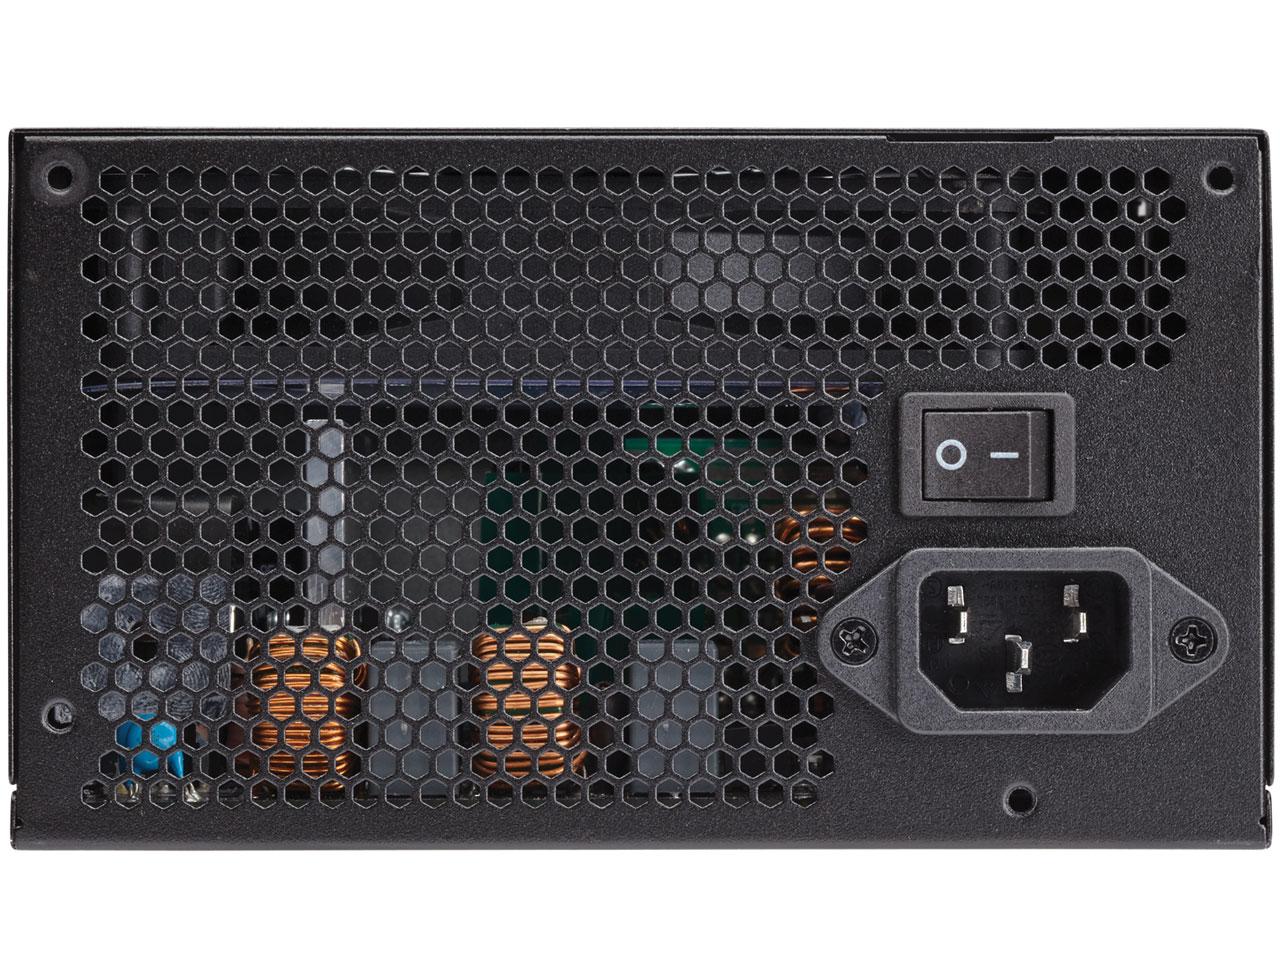 『本体 電源部分』 CX450M CP-9020101-JP の製品画像